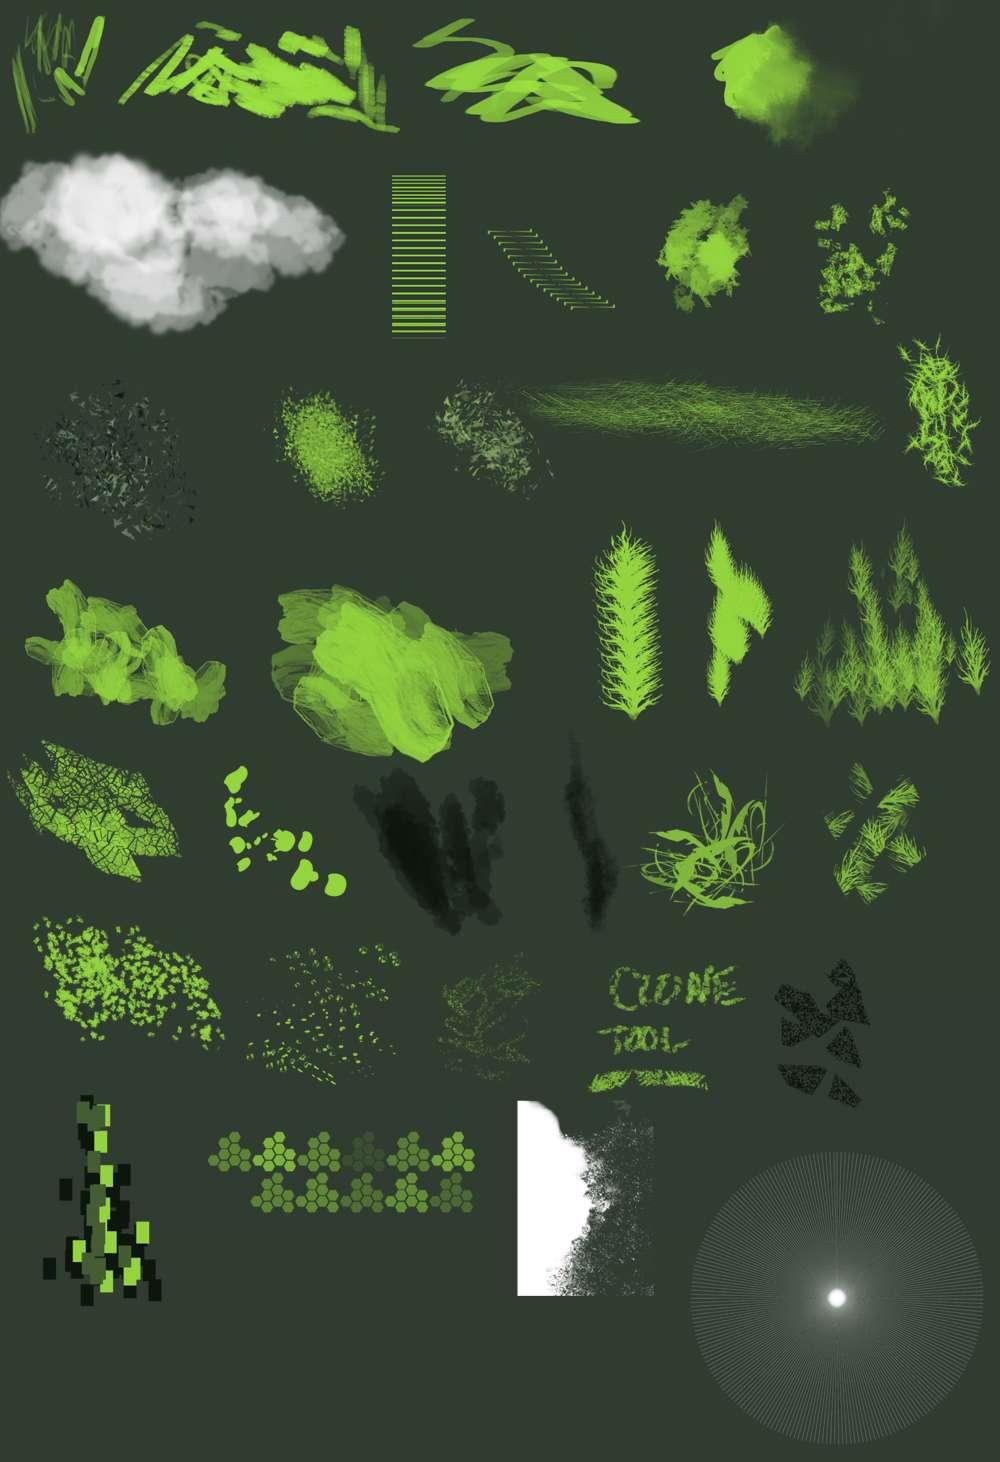 براش ایجاد لکه، ایجاد ابر جهت استفاده طراحان و گرافیست ها